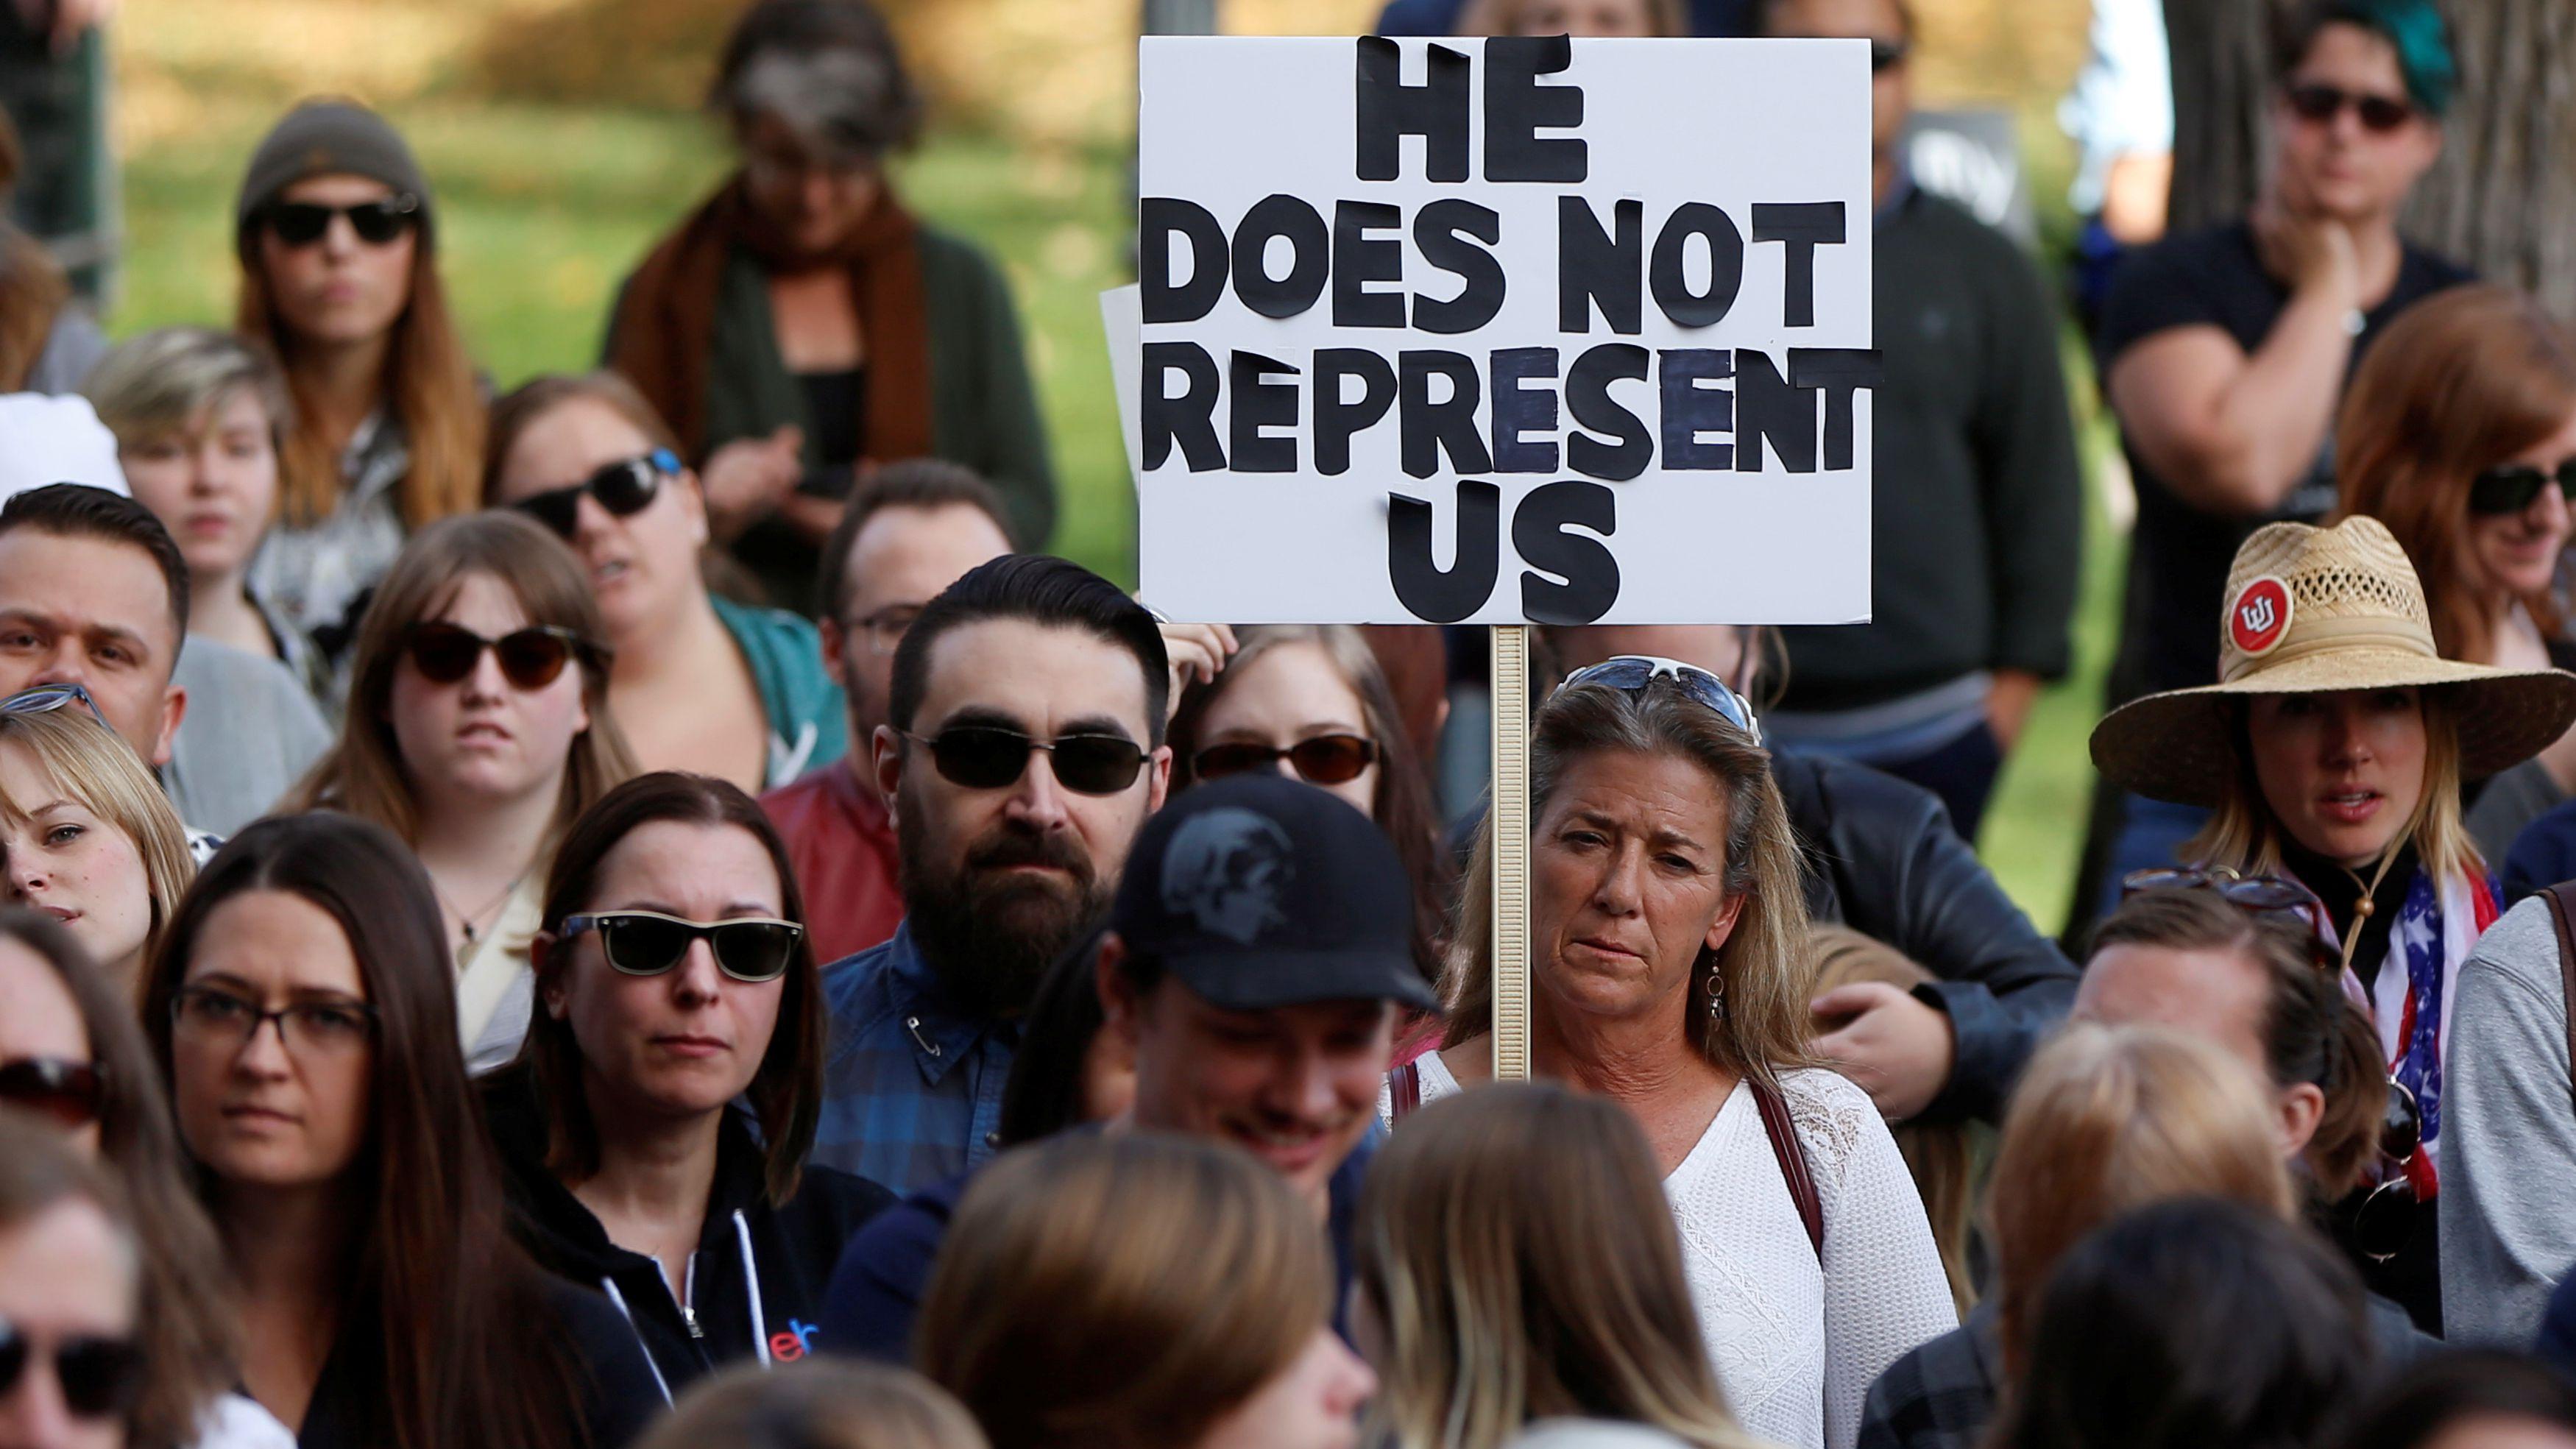 Donald Trump protestors